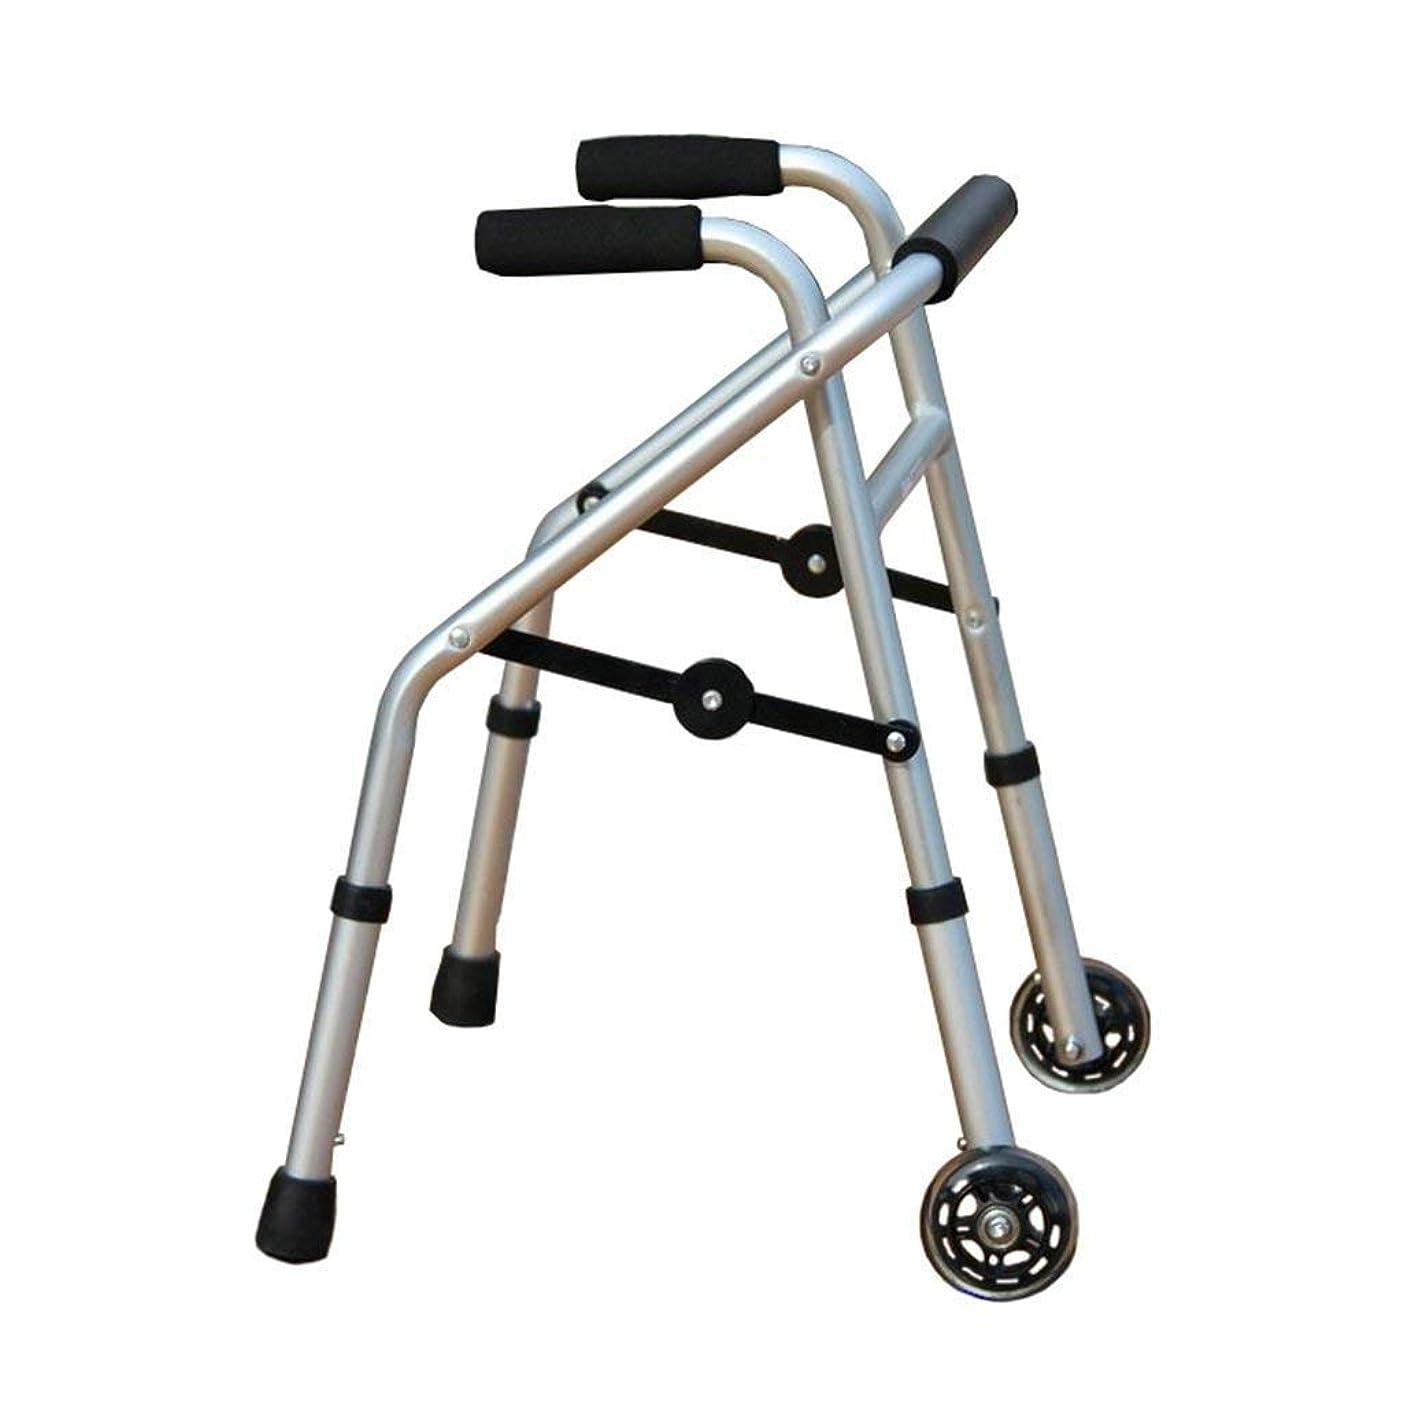 報復する未就学タクト子供用ウォーキングフレーム、軽量折りたたみ式歩行器、高さ調節可能子供用